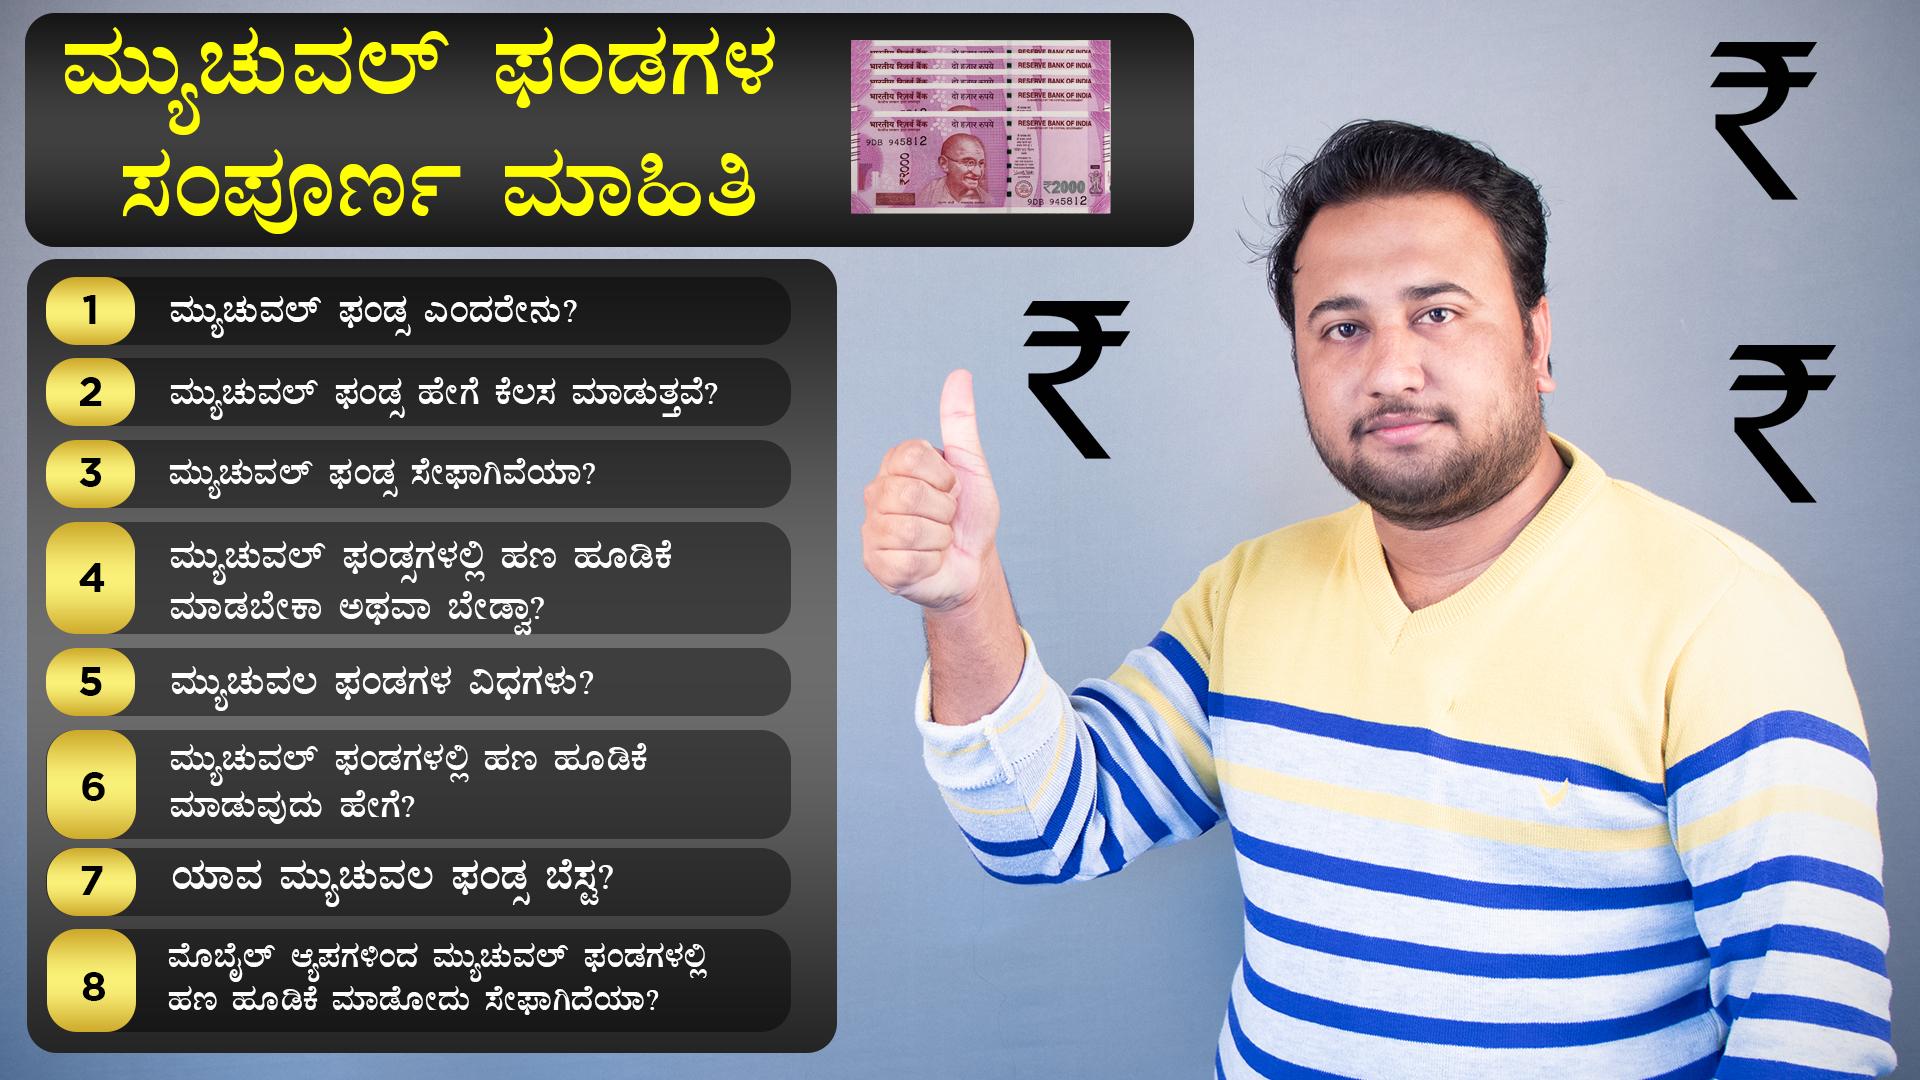 ಮ್ಯುಚುವಲ್ ಫಂಡಗಳ ಸಂಪೂರ್ಣ ಮಾಹಿತಿ | Everything About Mutual Funds in Kannada - ಮ್ಯುಚುವಲ್ ಫಂಡಗಳಲ್ಲಿ ಹಣ ಹೂಡಿಕೆ ಮಾಡುವುದು ಹೇಗೆ? How to invest in Mutual Funds? in Kannada